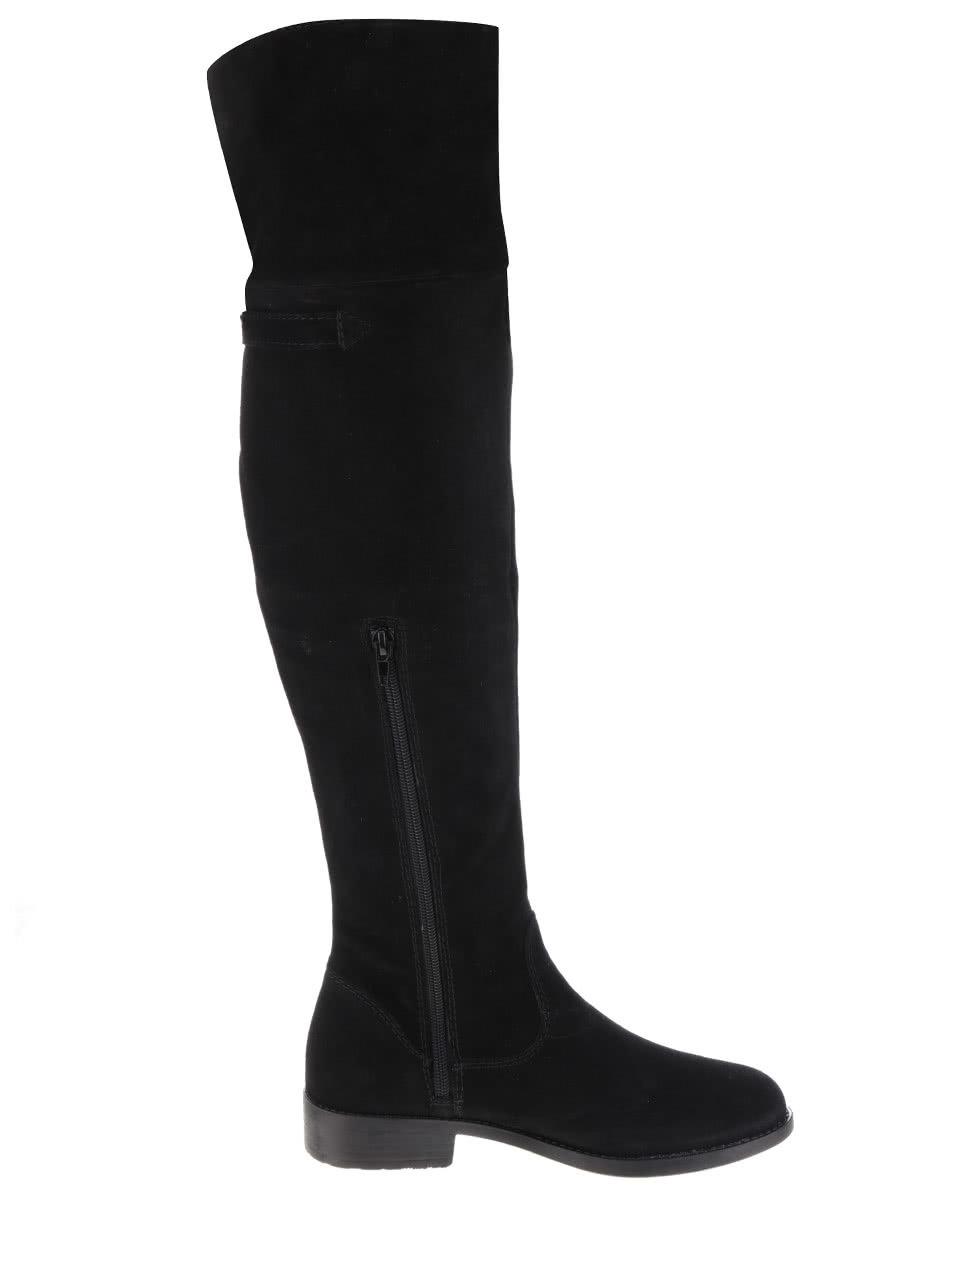 Čierne semišové vysoké čižmy Tamaris ... 44d53cc705d